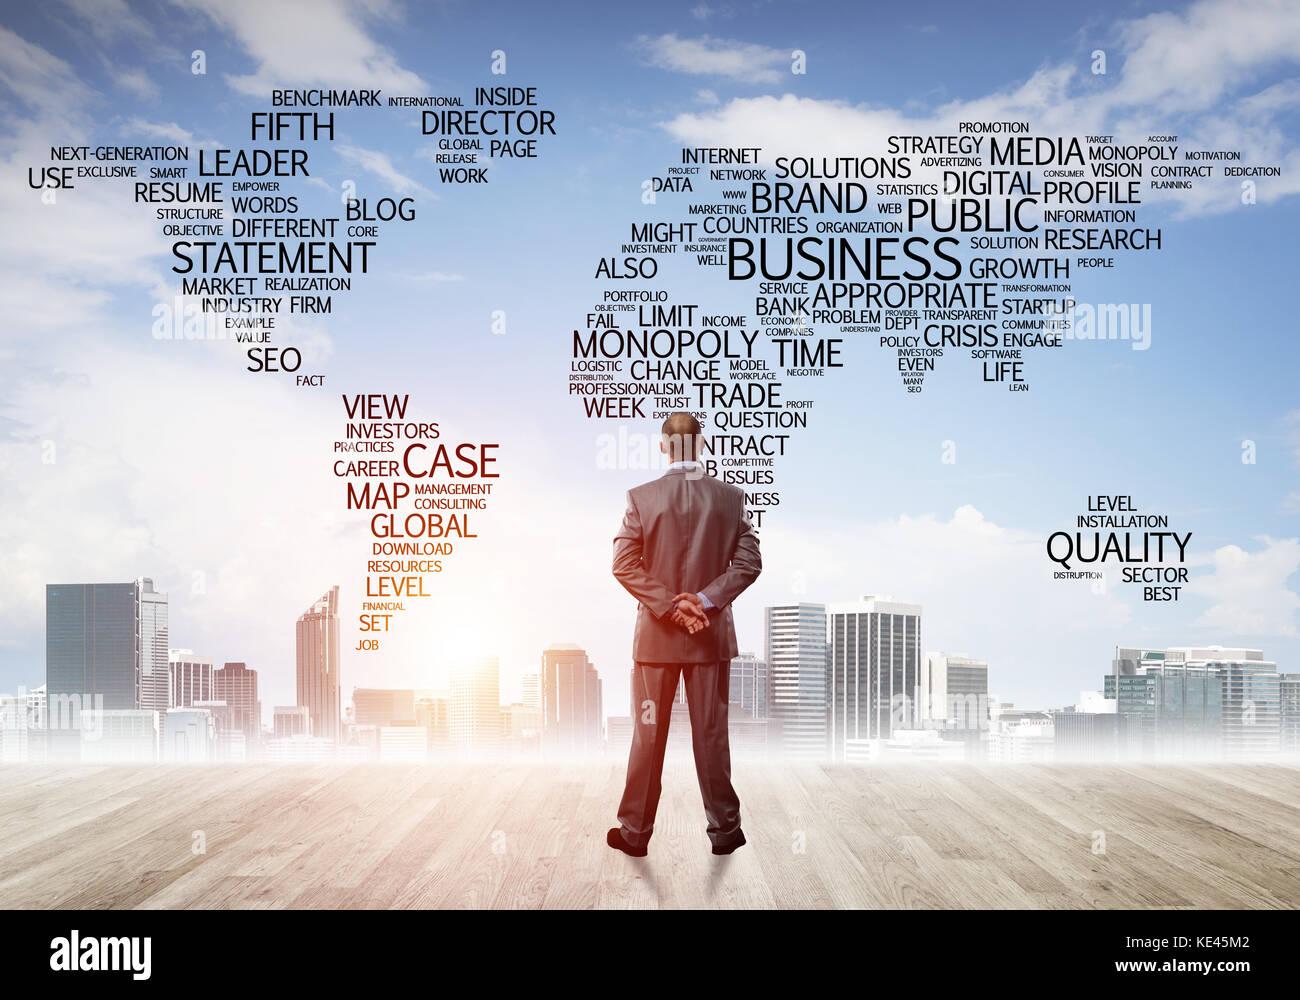 Motivation und Inspiration Konzept mit modernen Stadtbild und Geschäftsmann beobachten Stockfoto